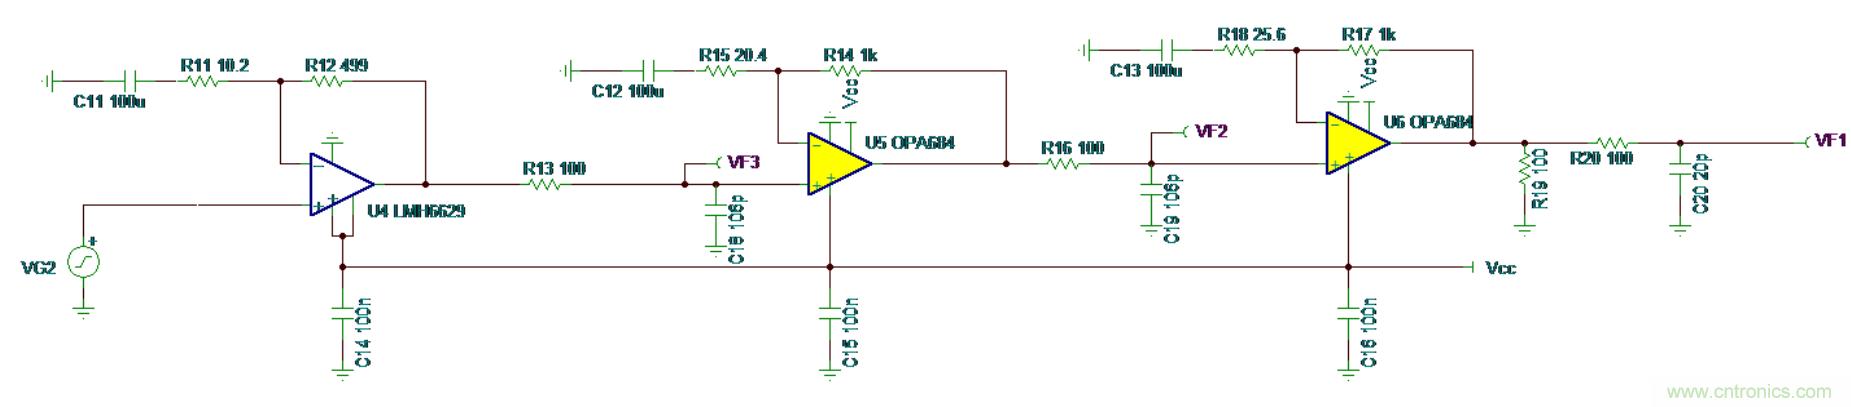 高增益、大带宽,为什么电路还会发生振荡?